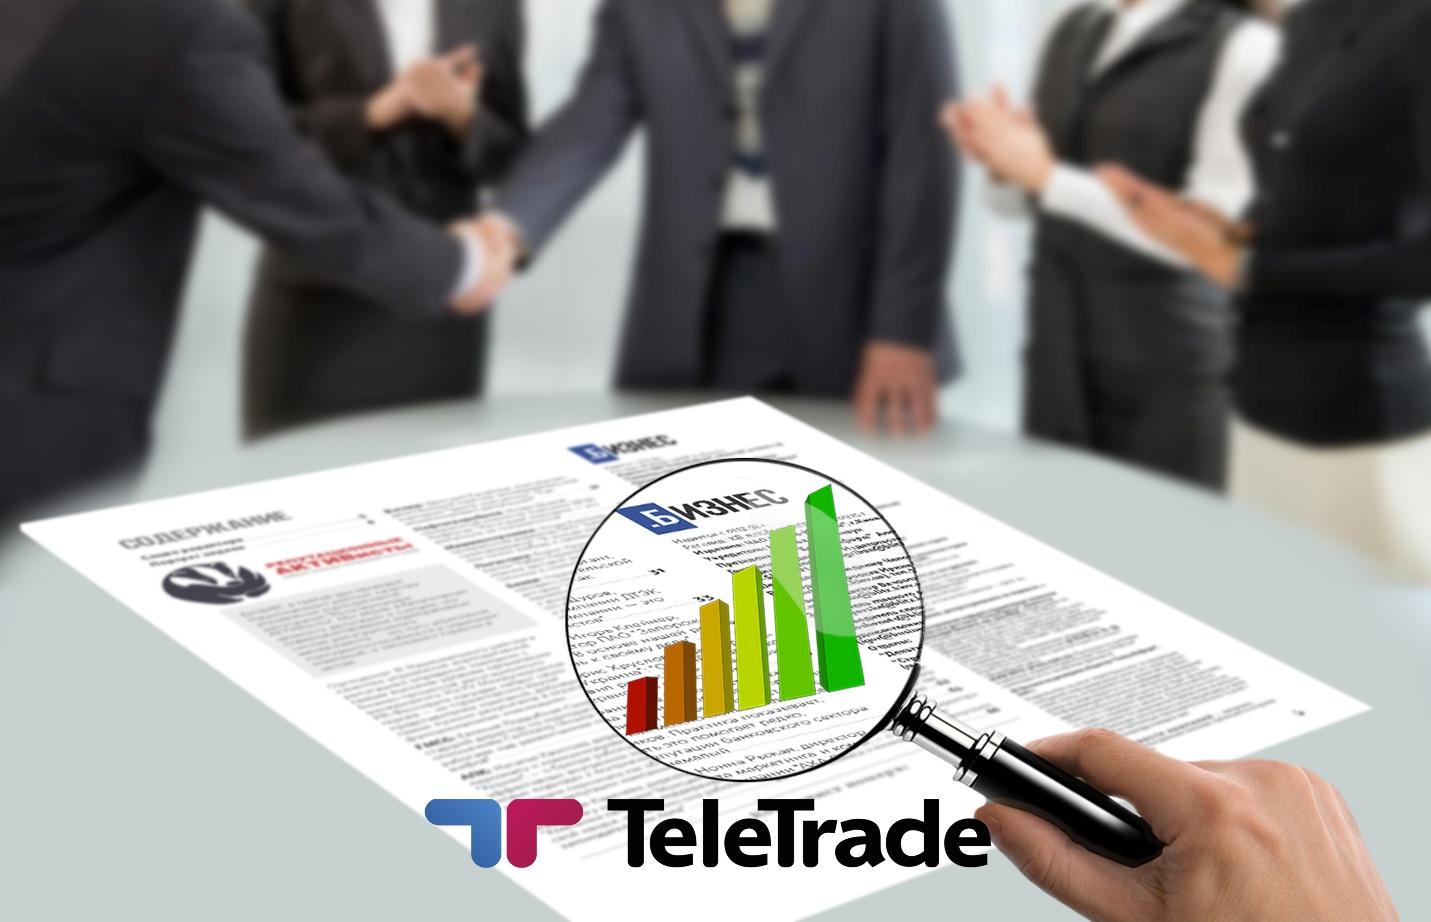 Брокер Телетрейд: отзывы трейдеров и сотрудников фирмы